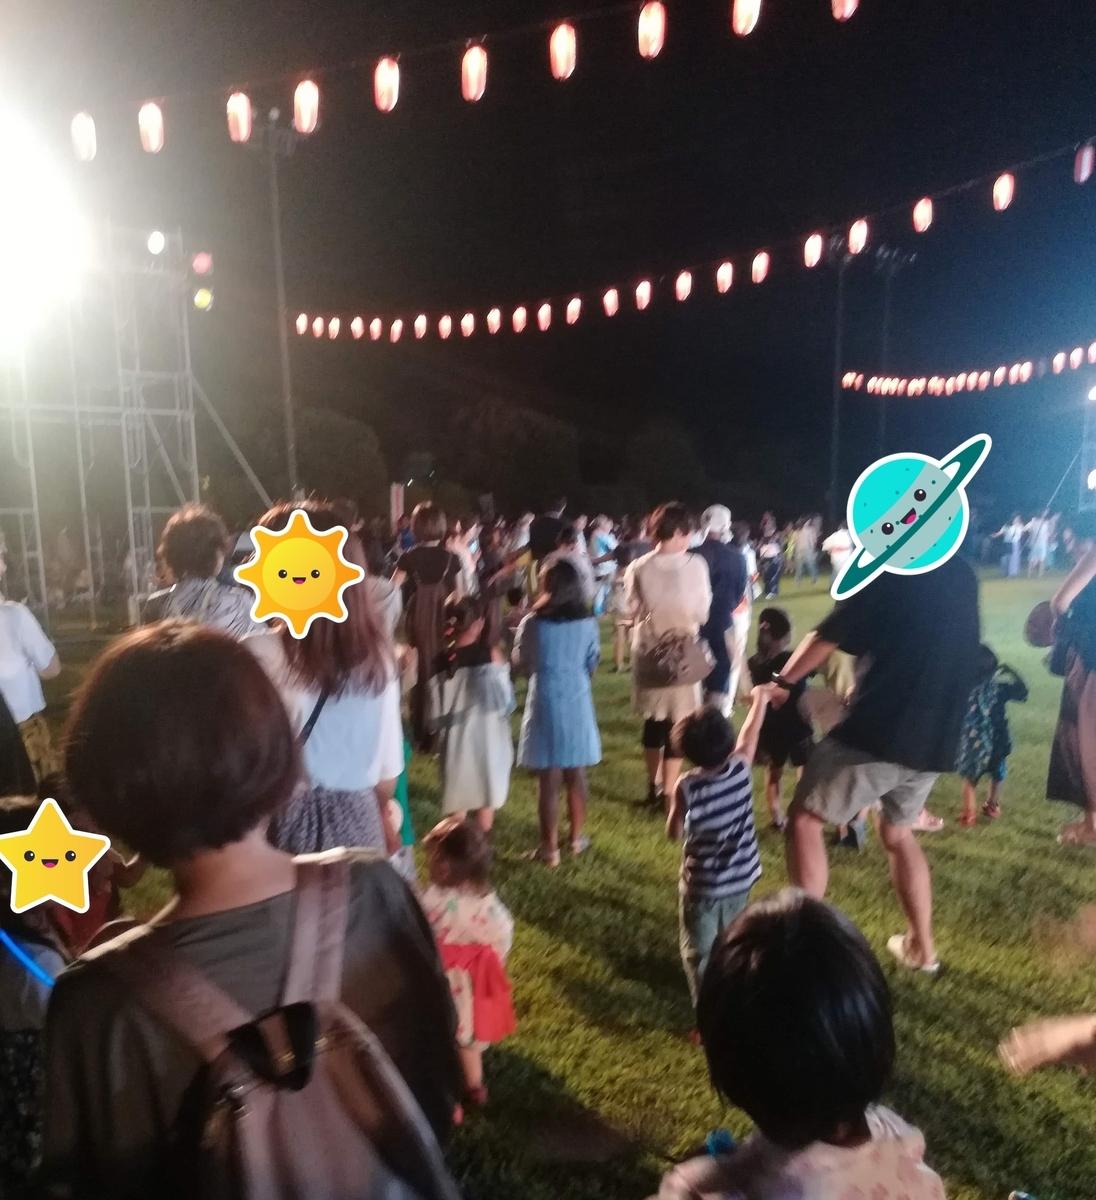 夏祭り、盆踊り、花火大会、ビール、みんなで騒ぎましょう!